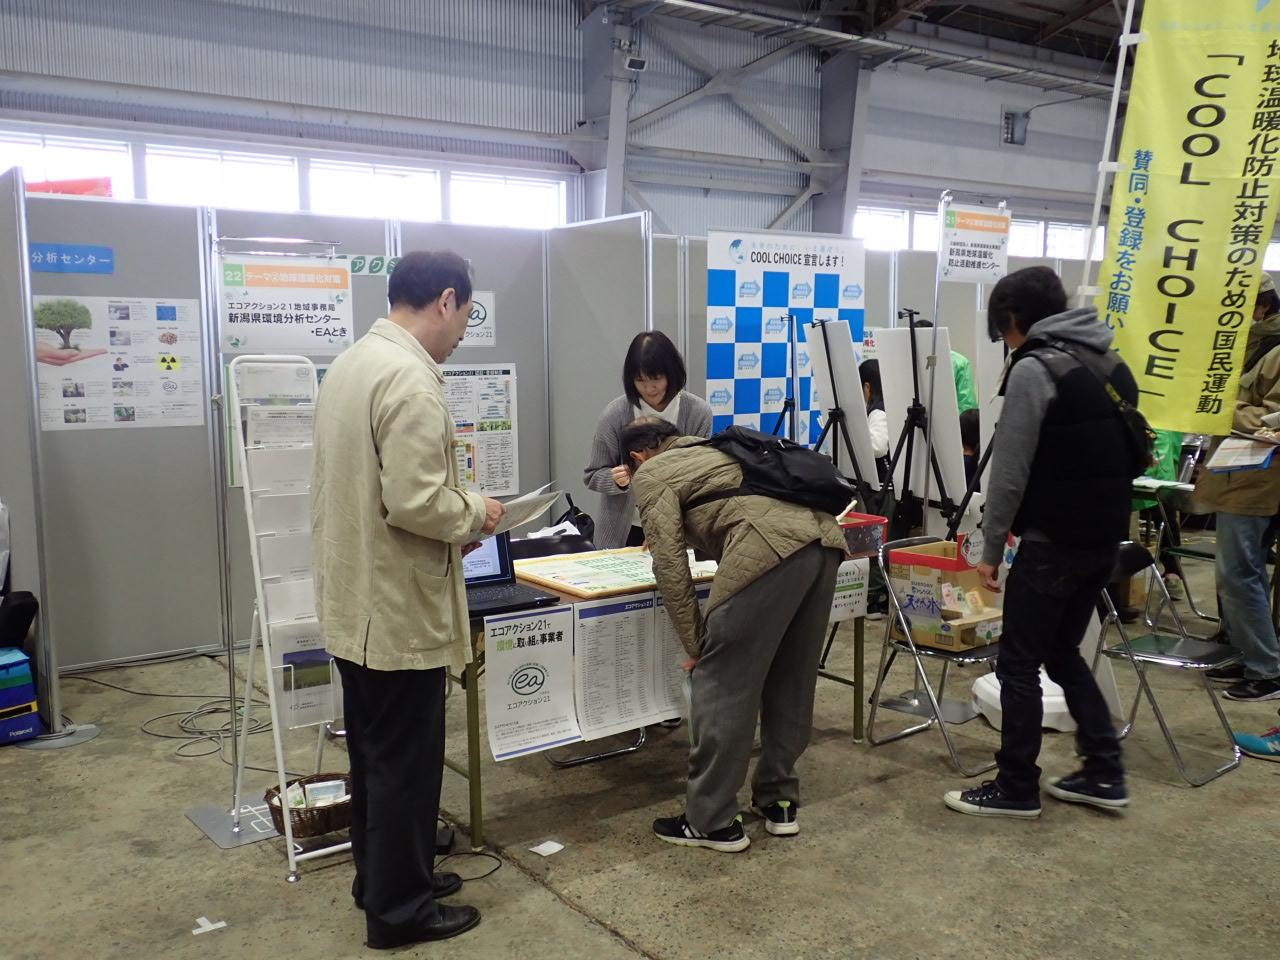 新潟県環境分析センター出展ブース